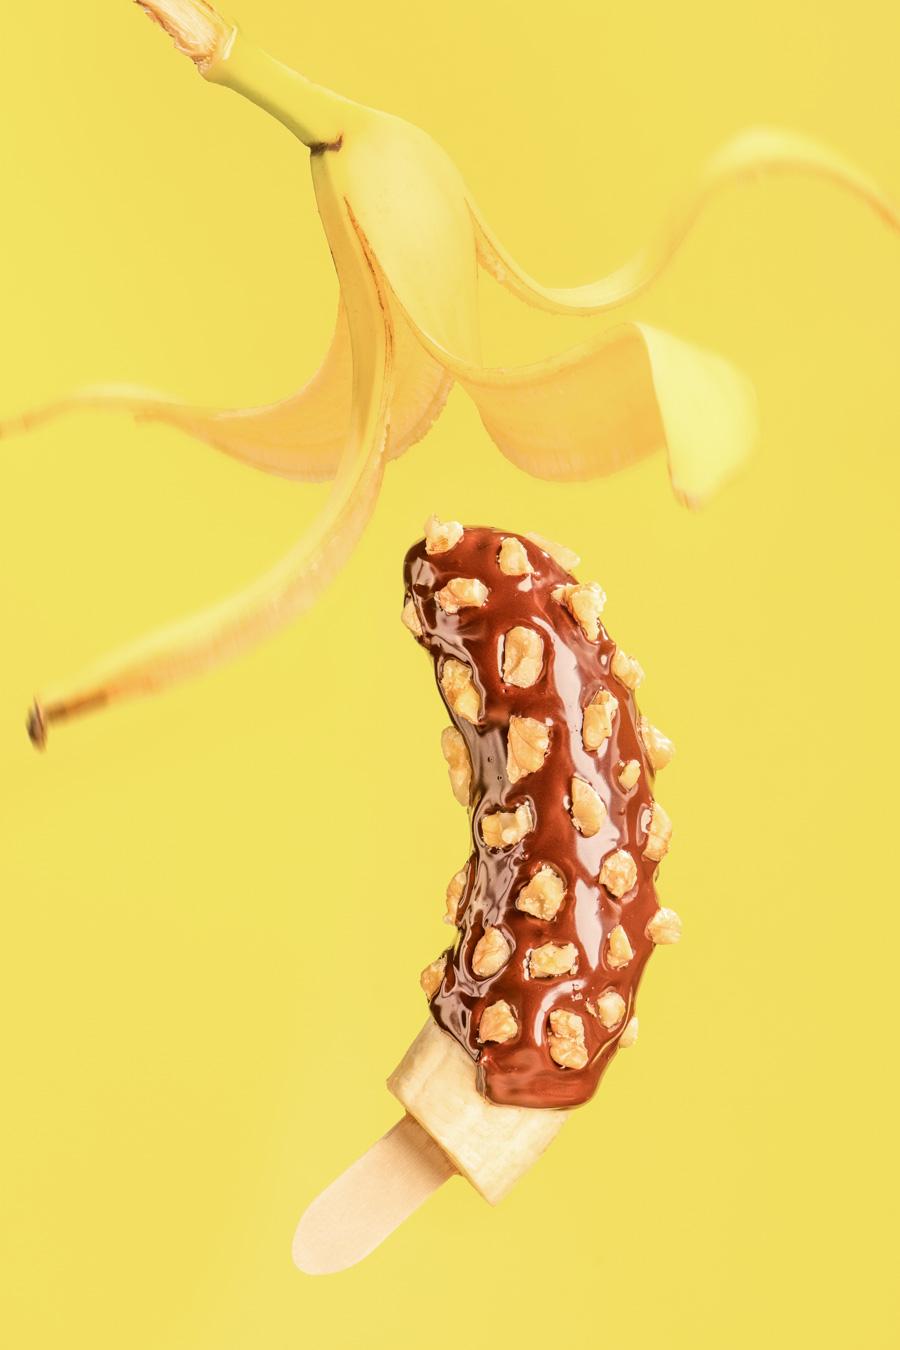 Recept voor banaan met chocolade en walnoot